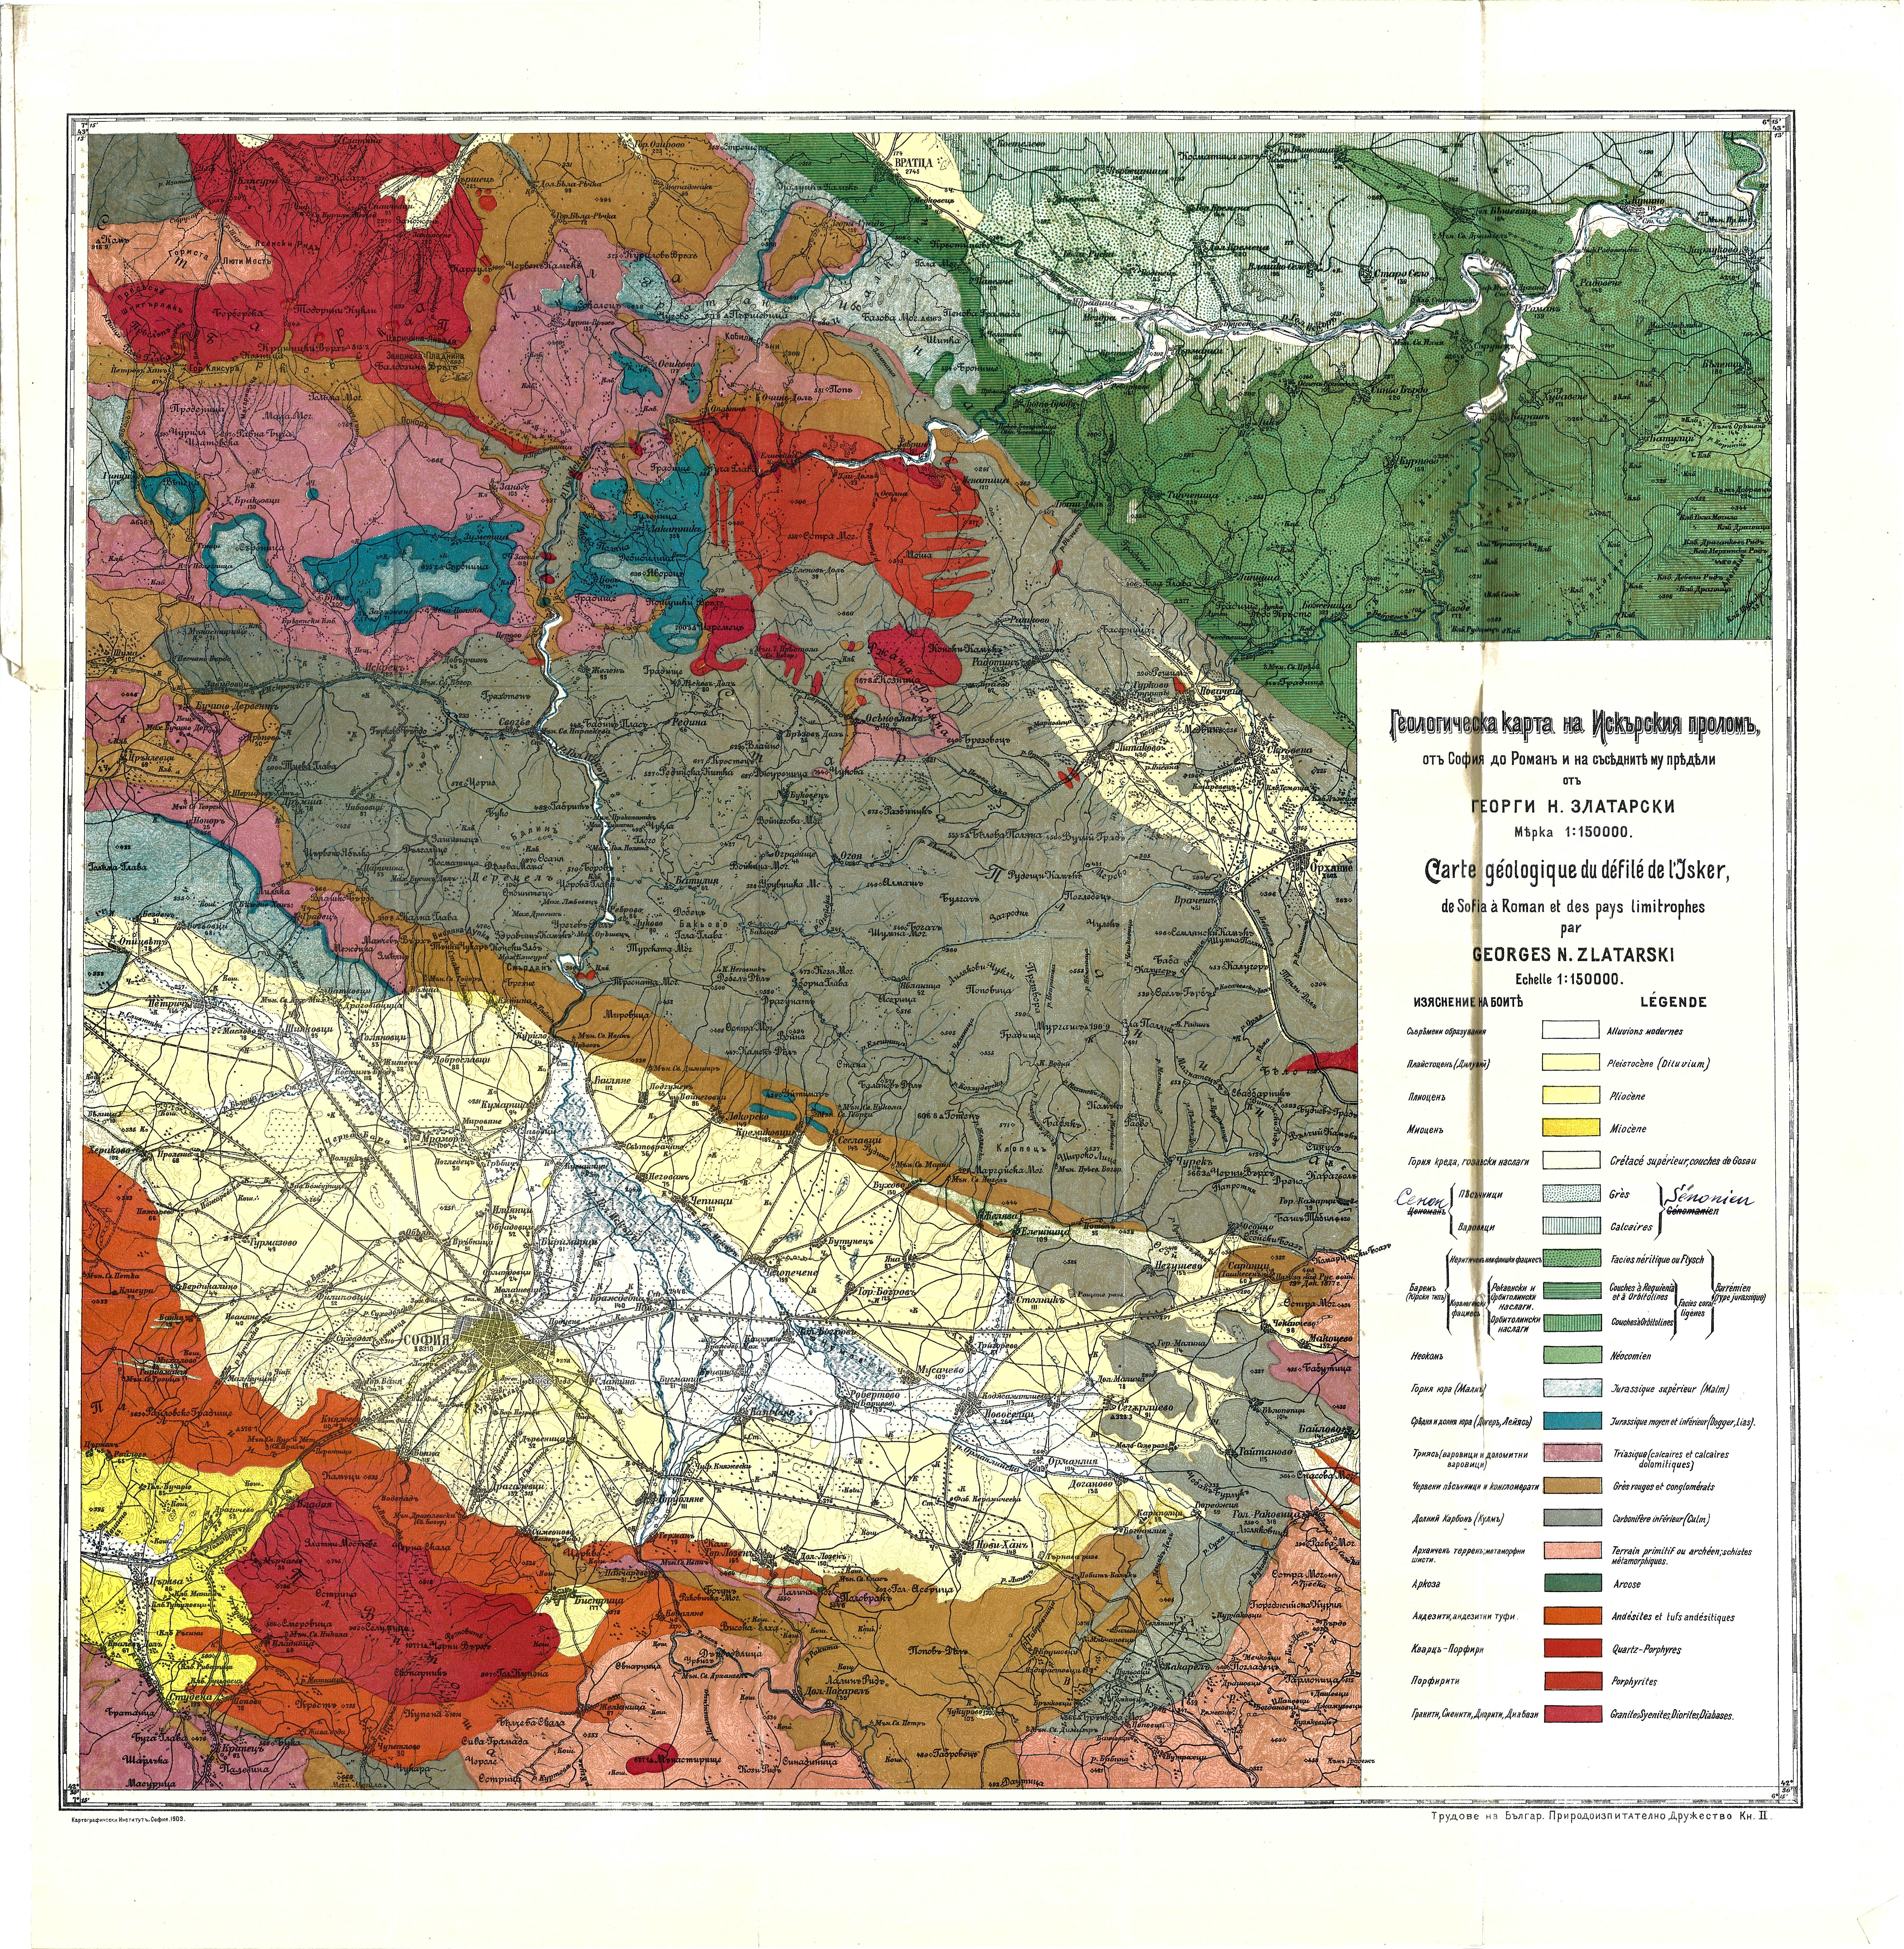 Geologicheska Karta Na Iskrskiya Prolom 1903 G Anamnesis Info